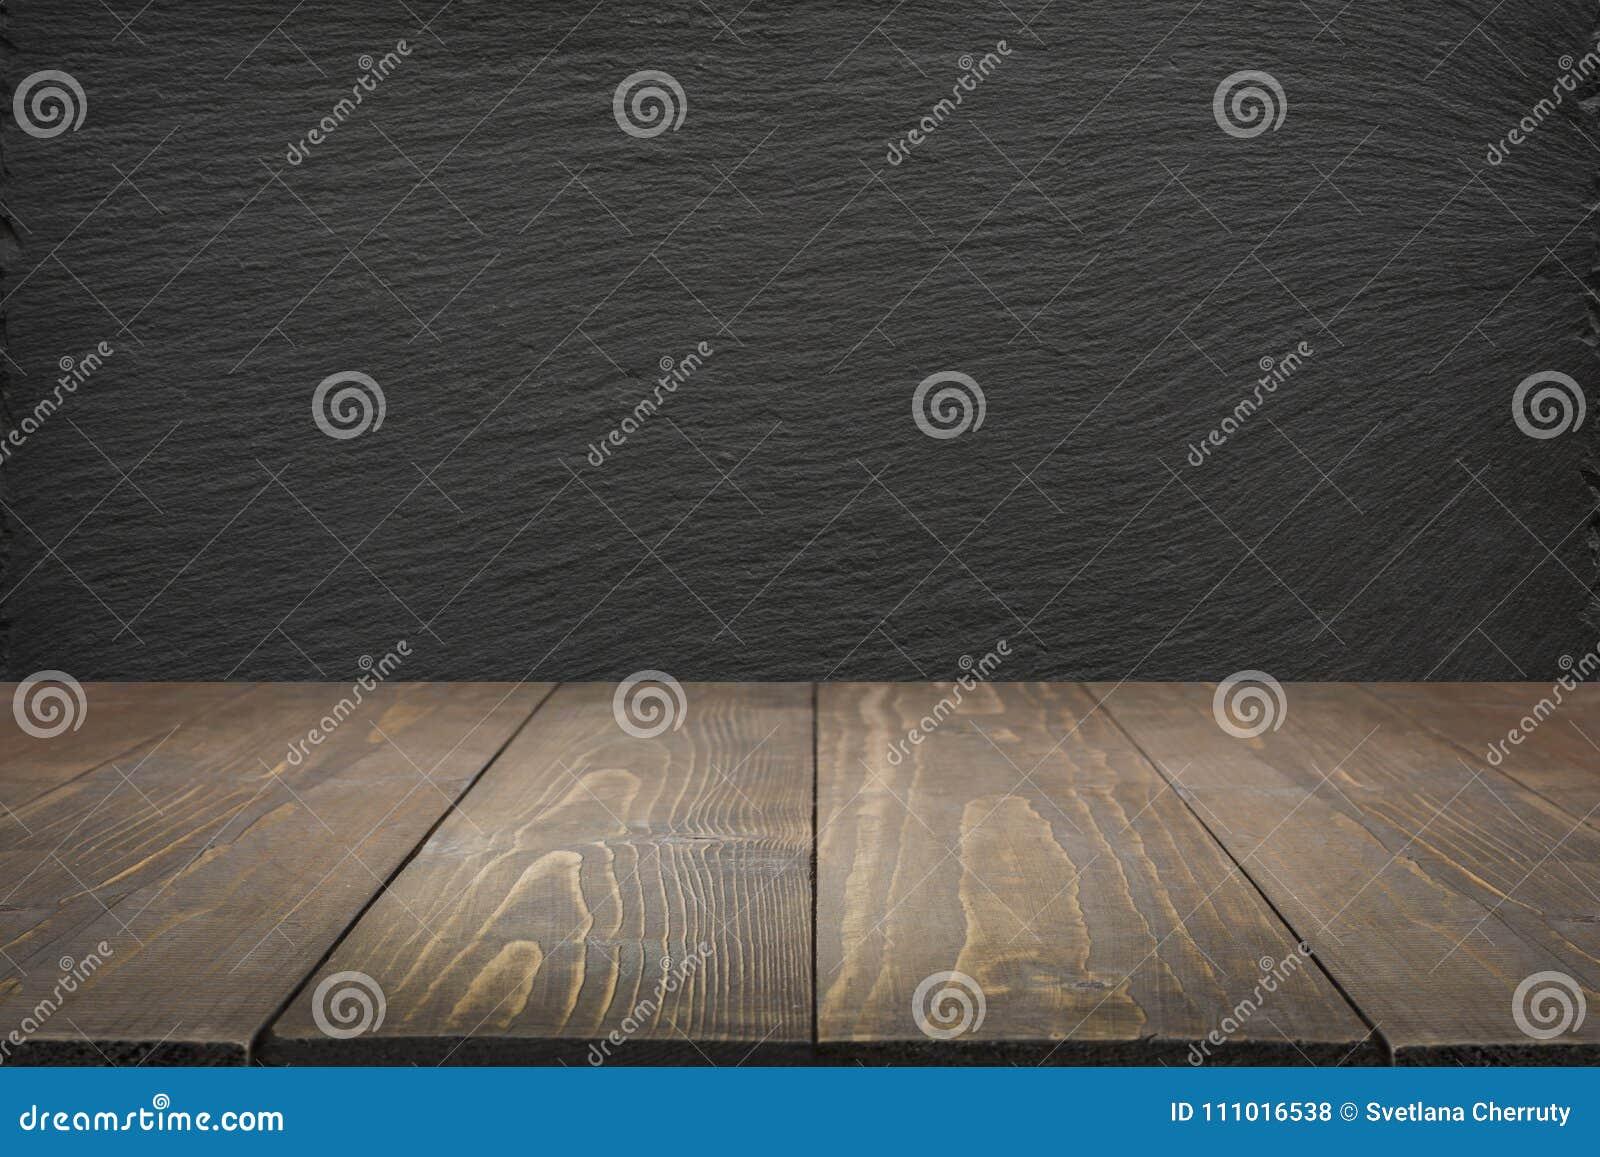 Ripiani In Legno Per Tavoli : Fondo astratto della cucina svuoti il ripiano del tavolo di legno